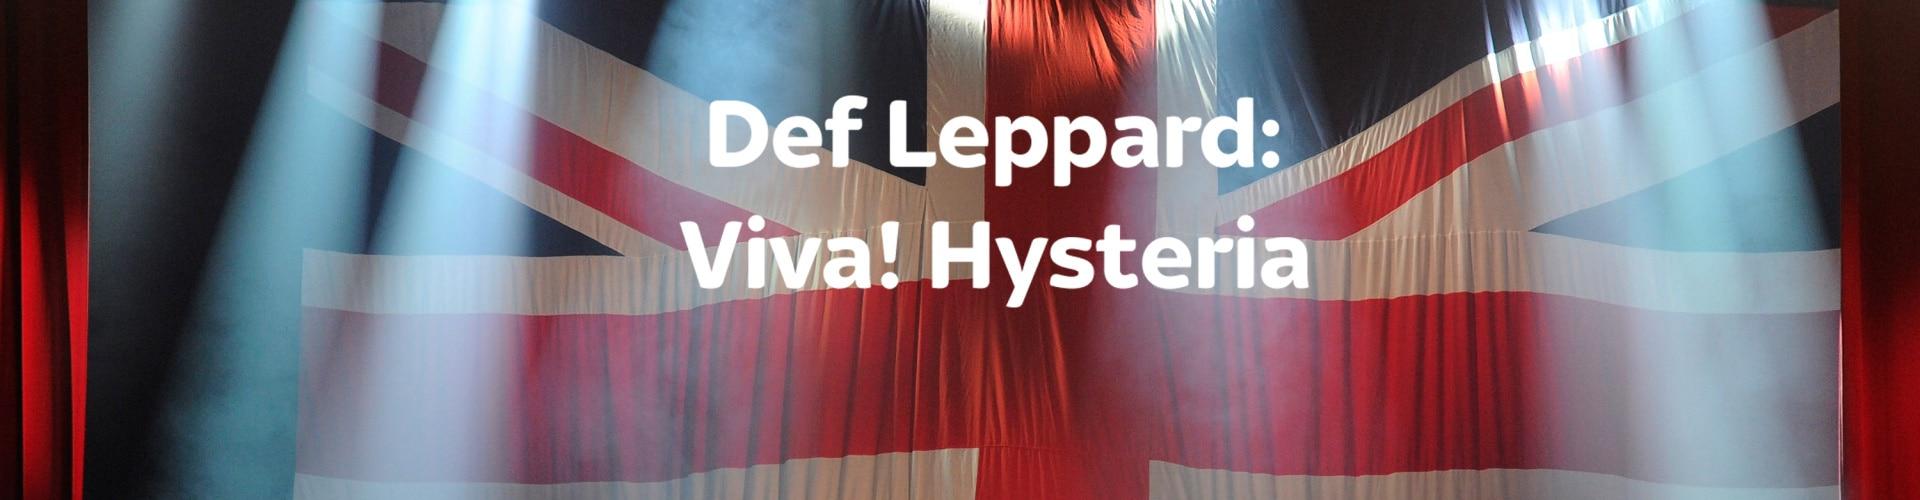 Watch Def Leppard: Viva! Hysteria Online